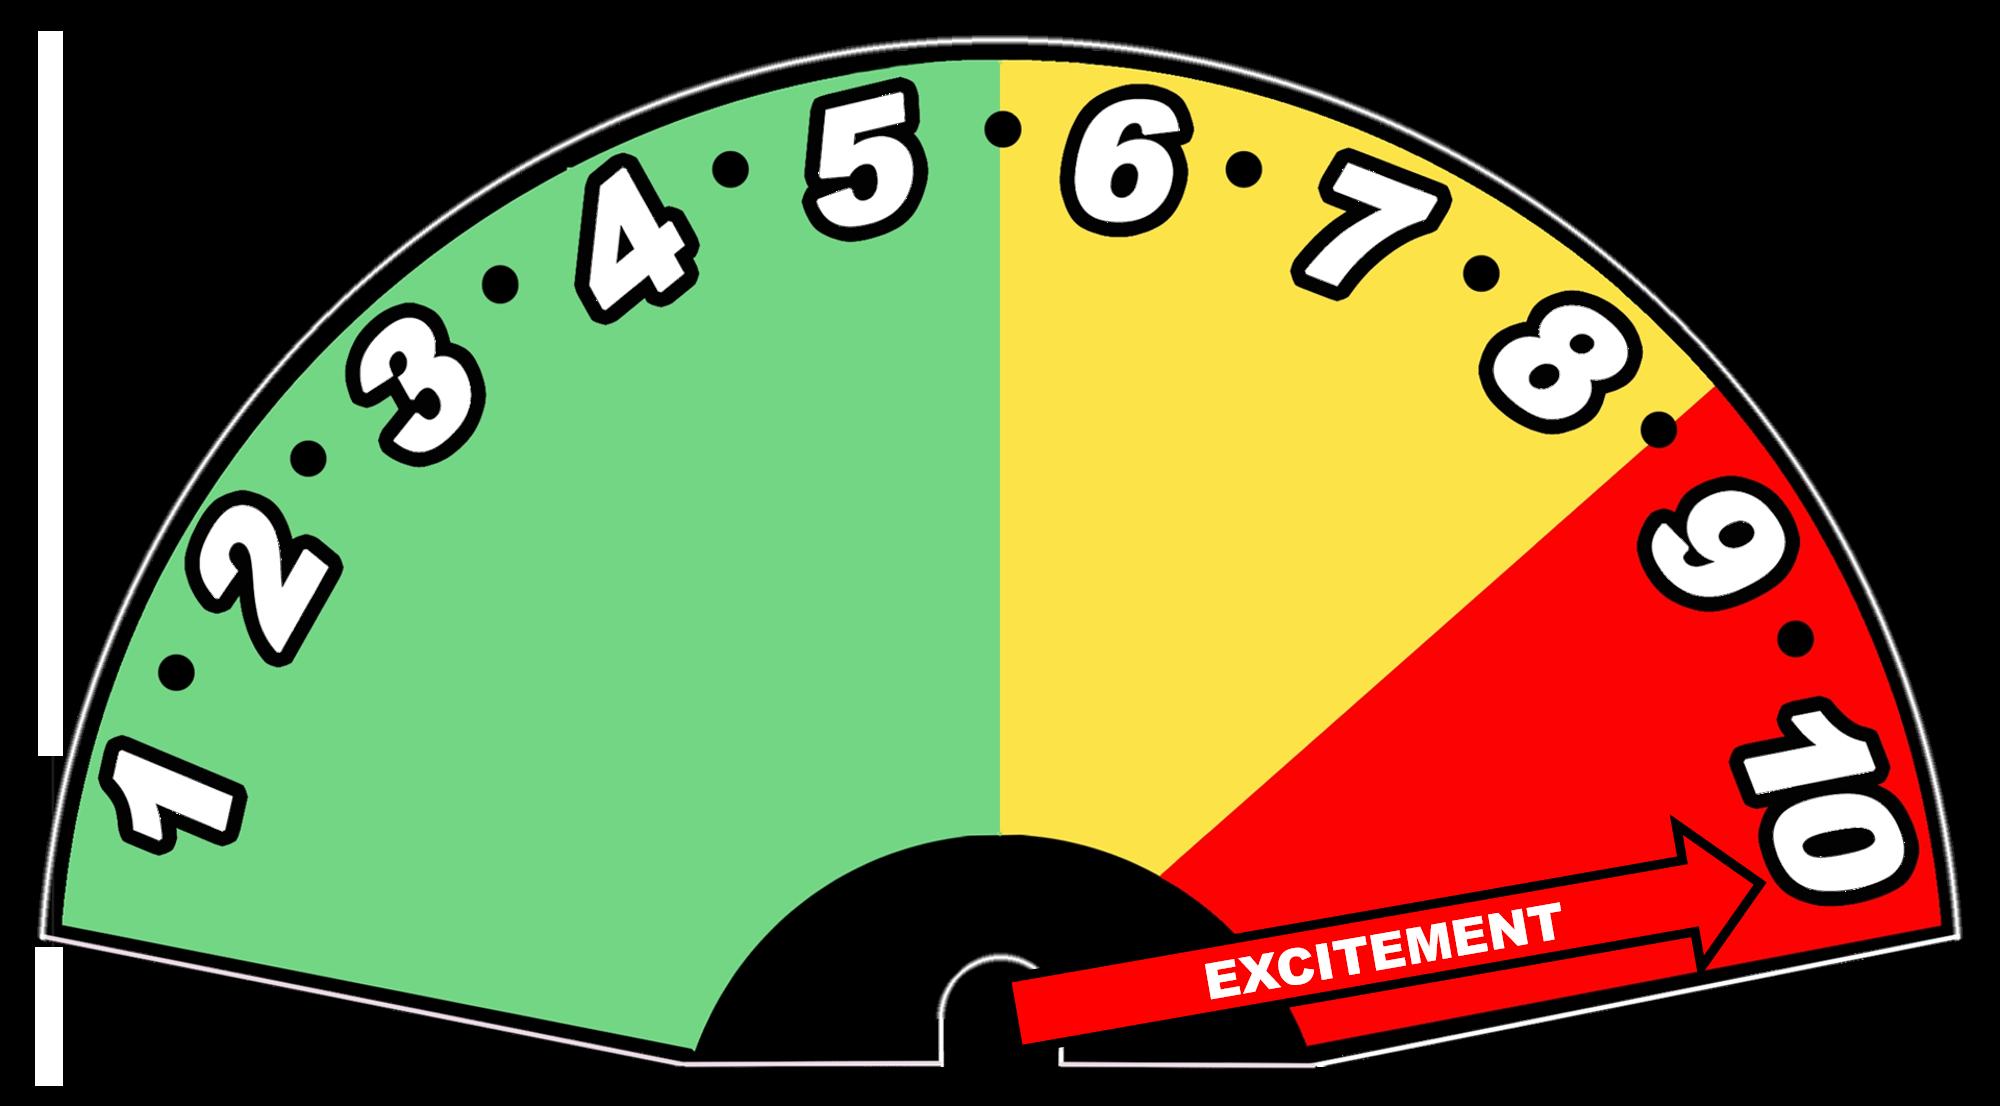 Excitement meter